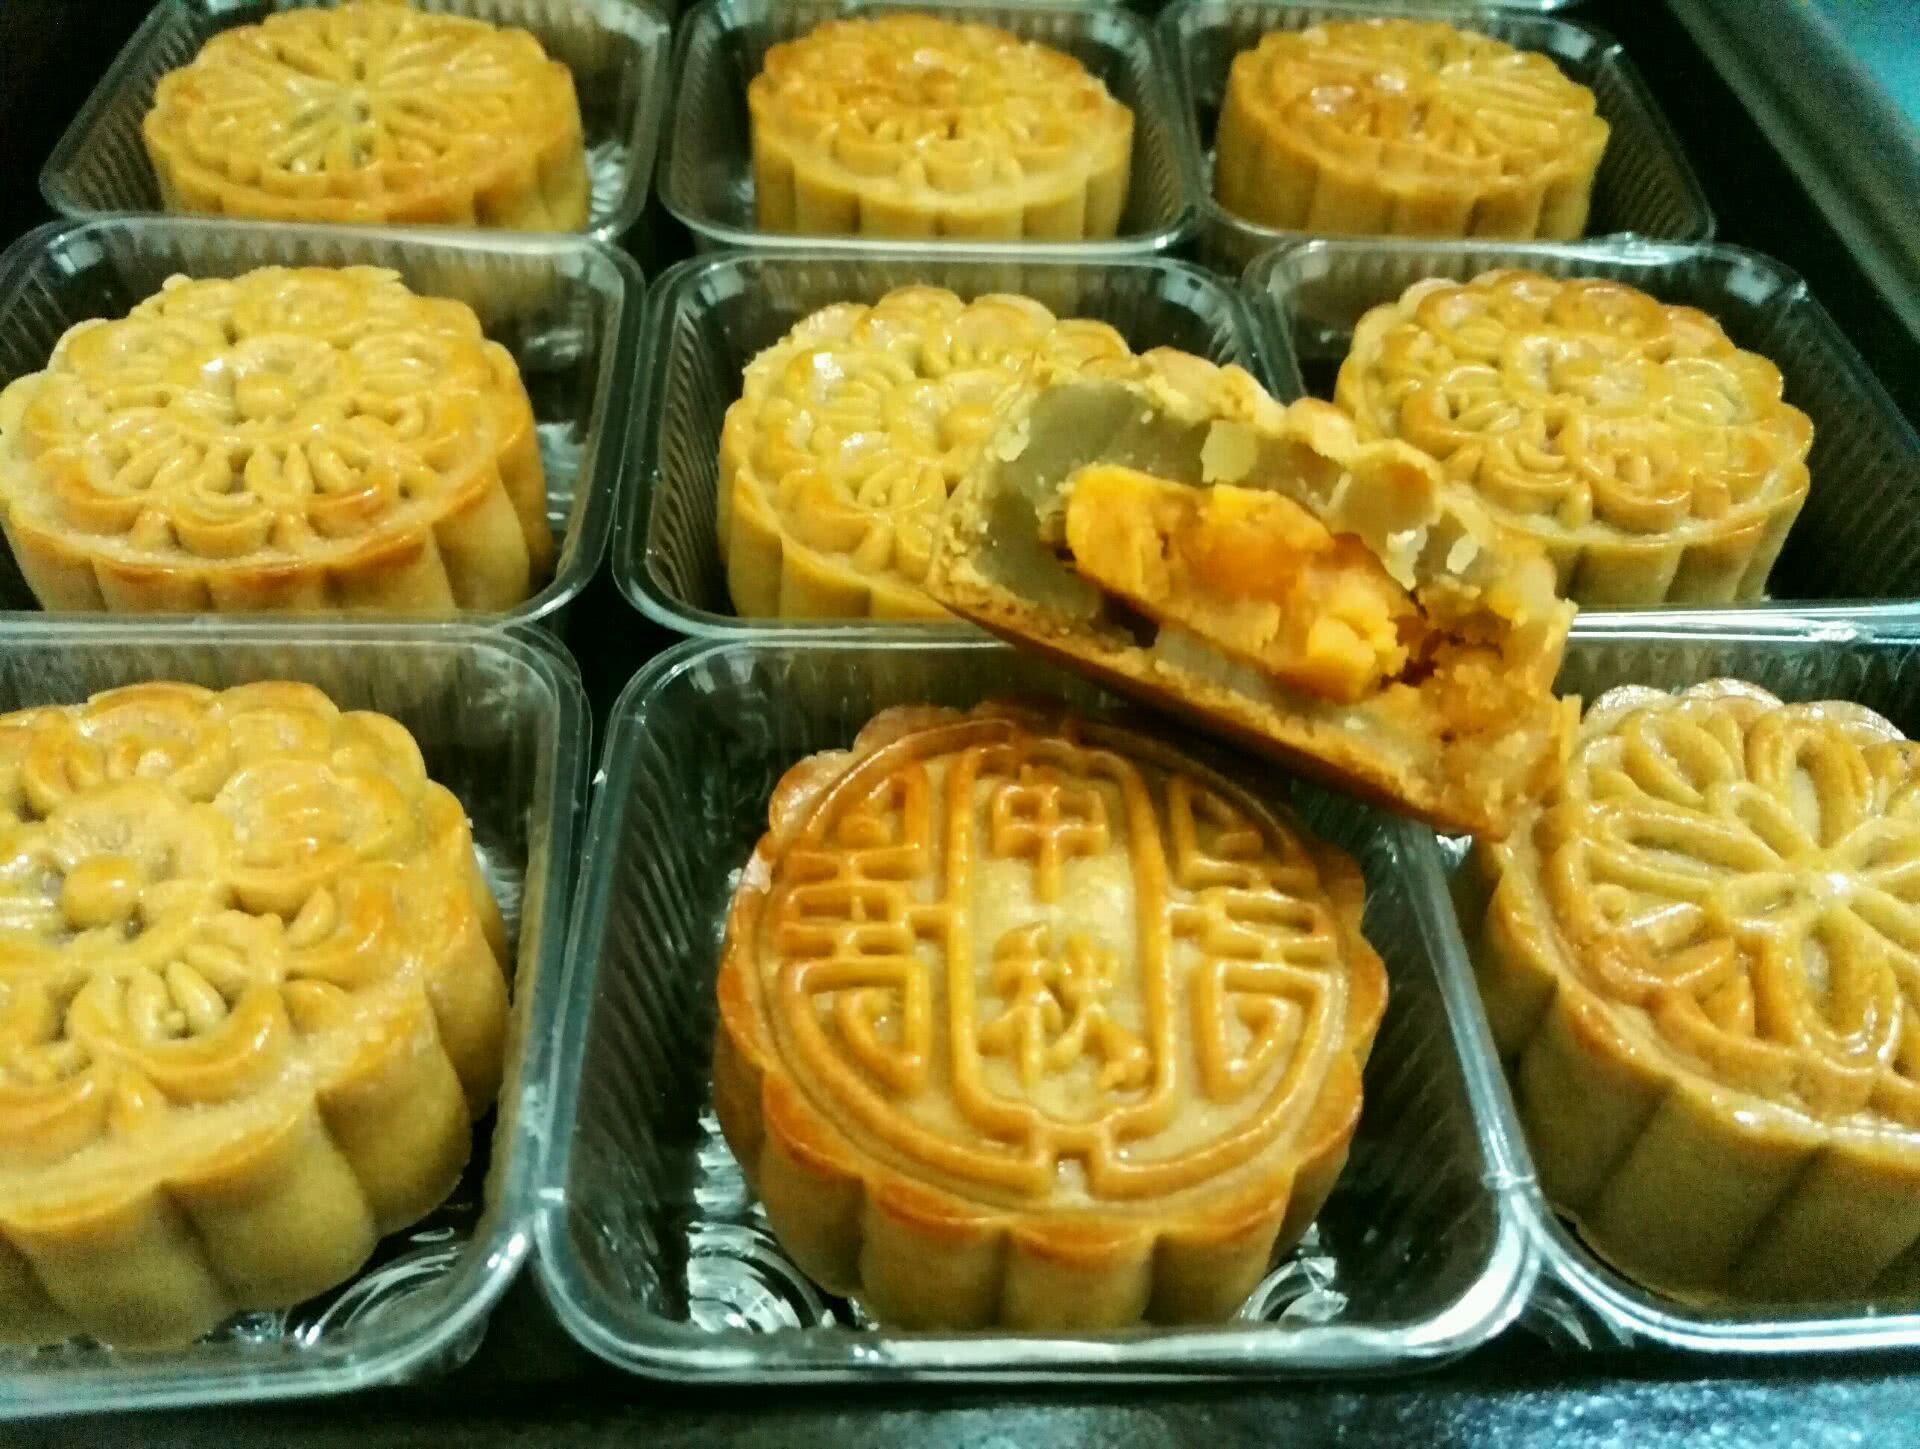 莲蓉蛋黄月饼#长帝烘焙节(半月轩)#的做法_【图解】